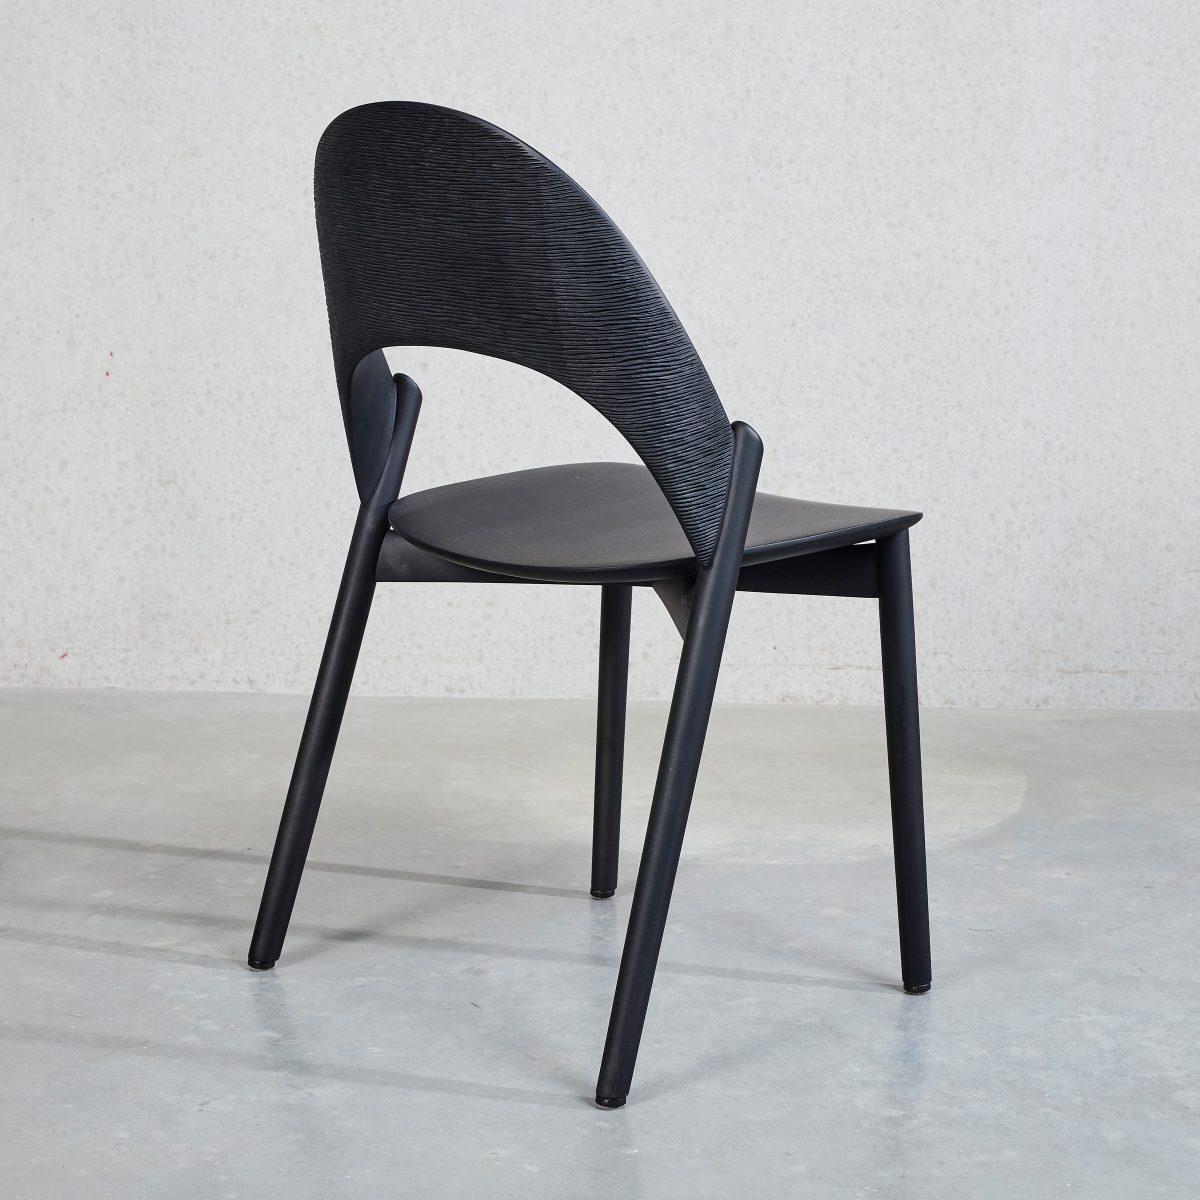 Sana Chair